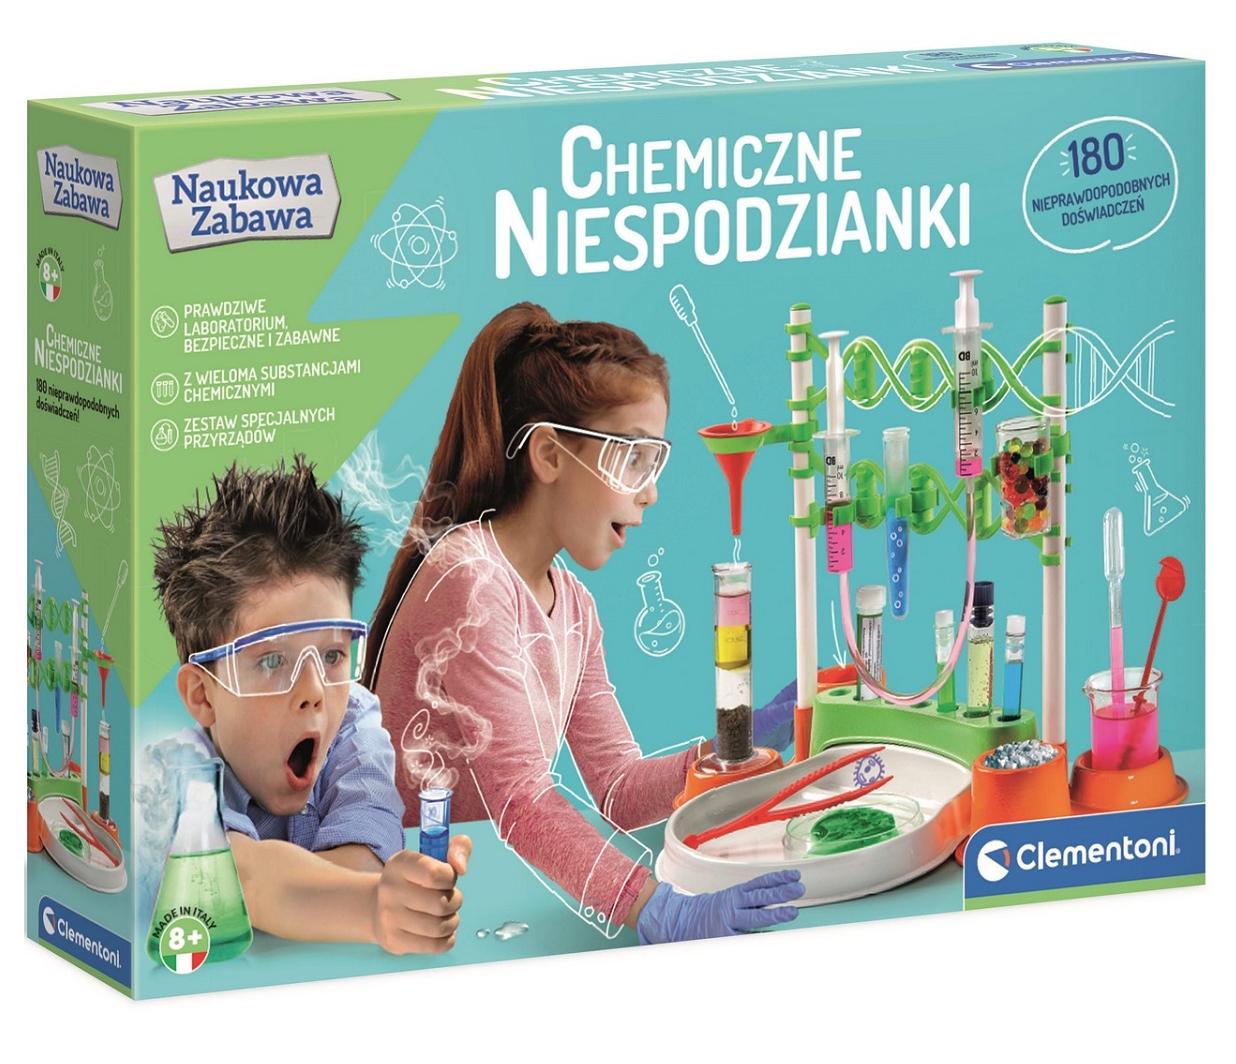 Naukowa Zabawa: Chemiczne niespodzianki (50667)